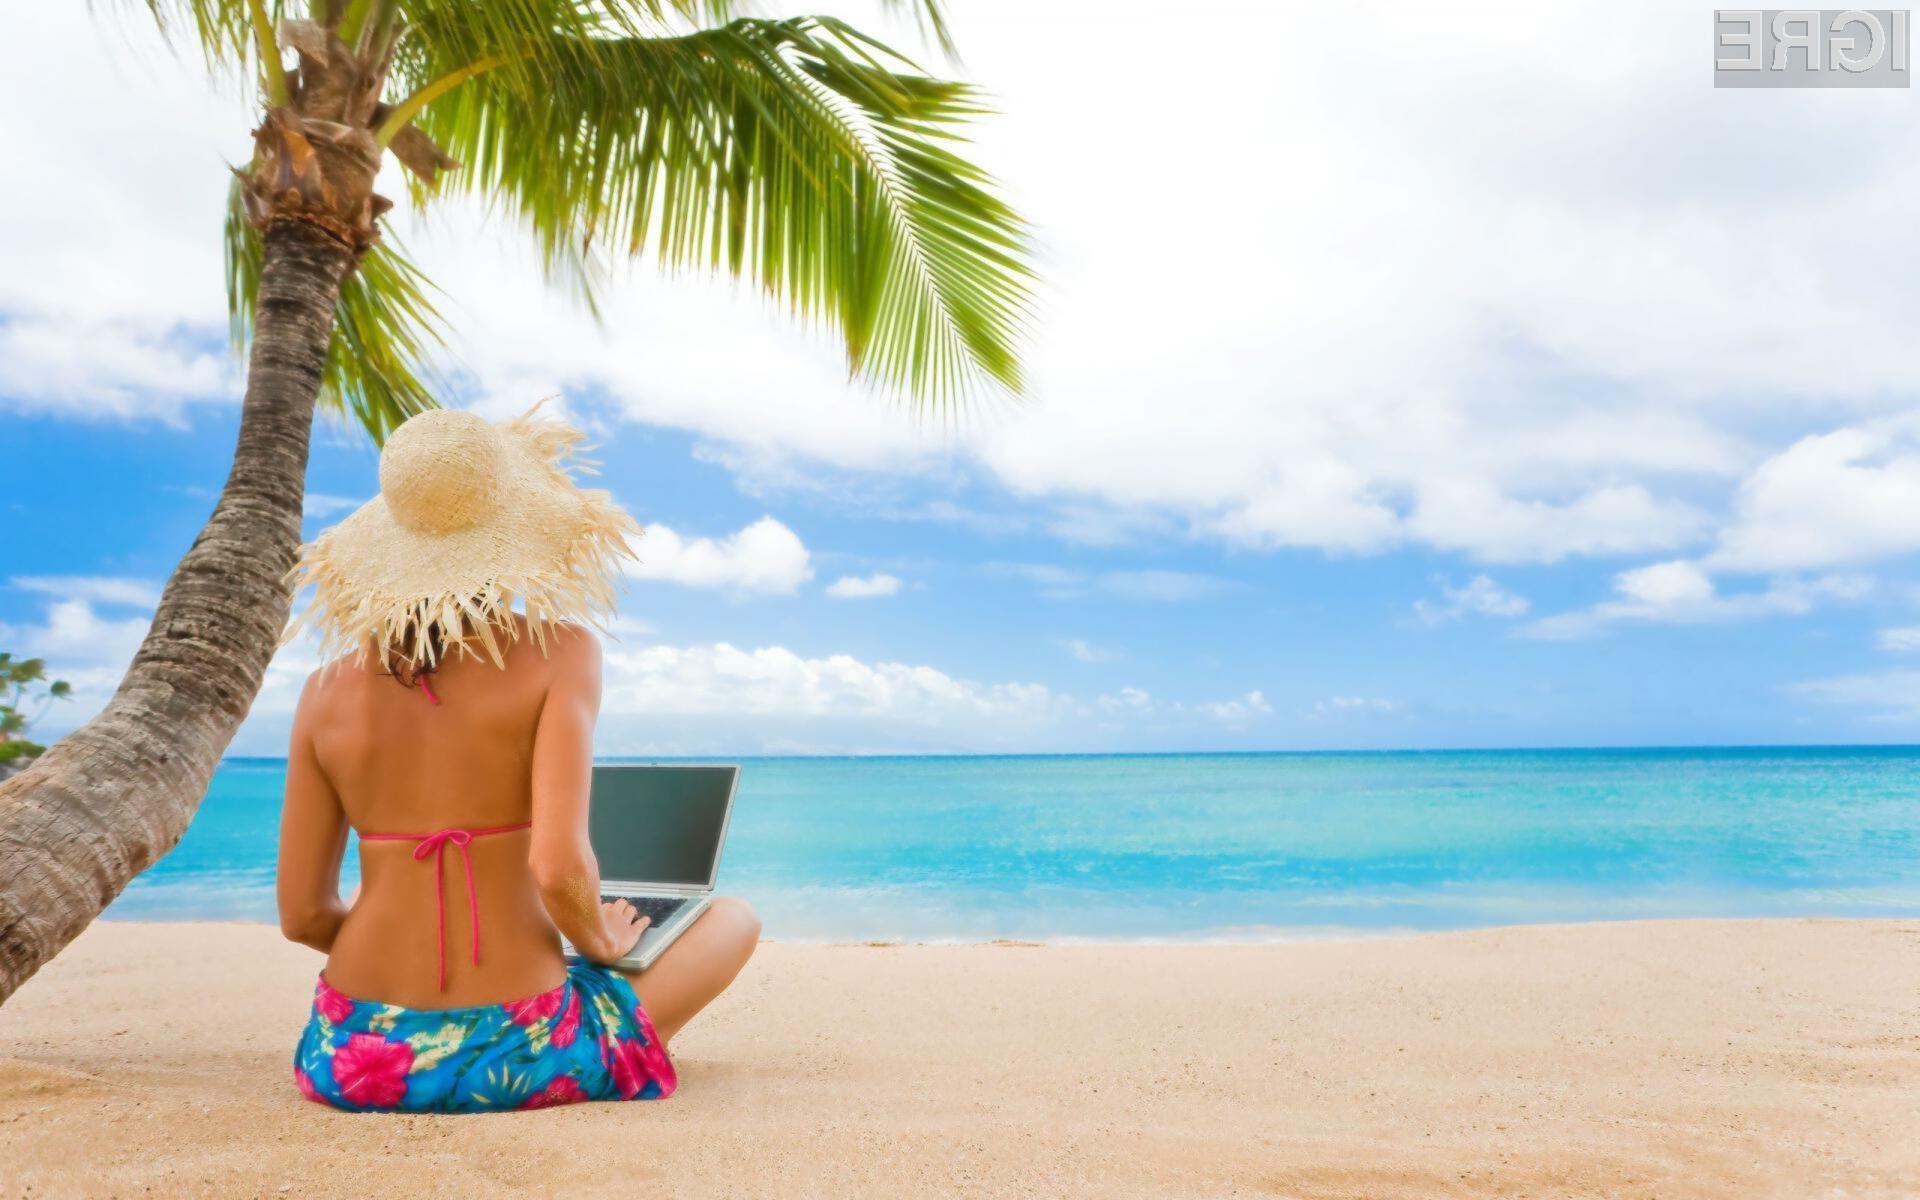 Ko se ne boste sončili na plaži si lahko za sprostitev privoščite katero izmed prihajajočih iger.